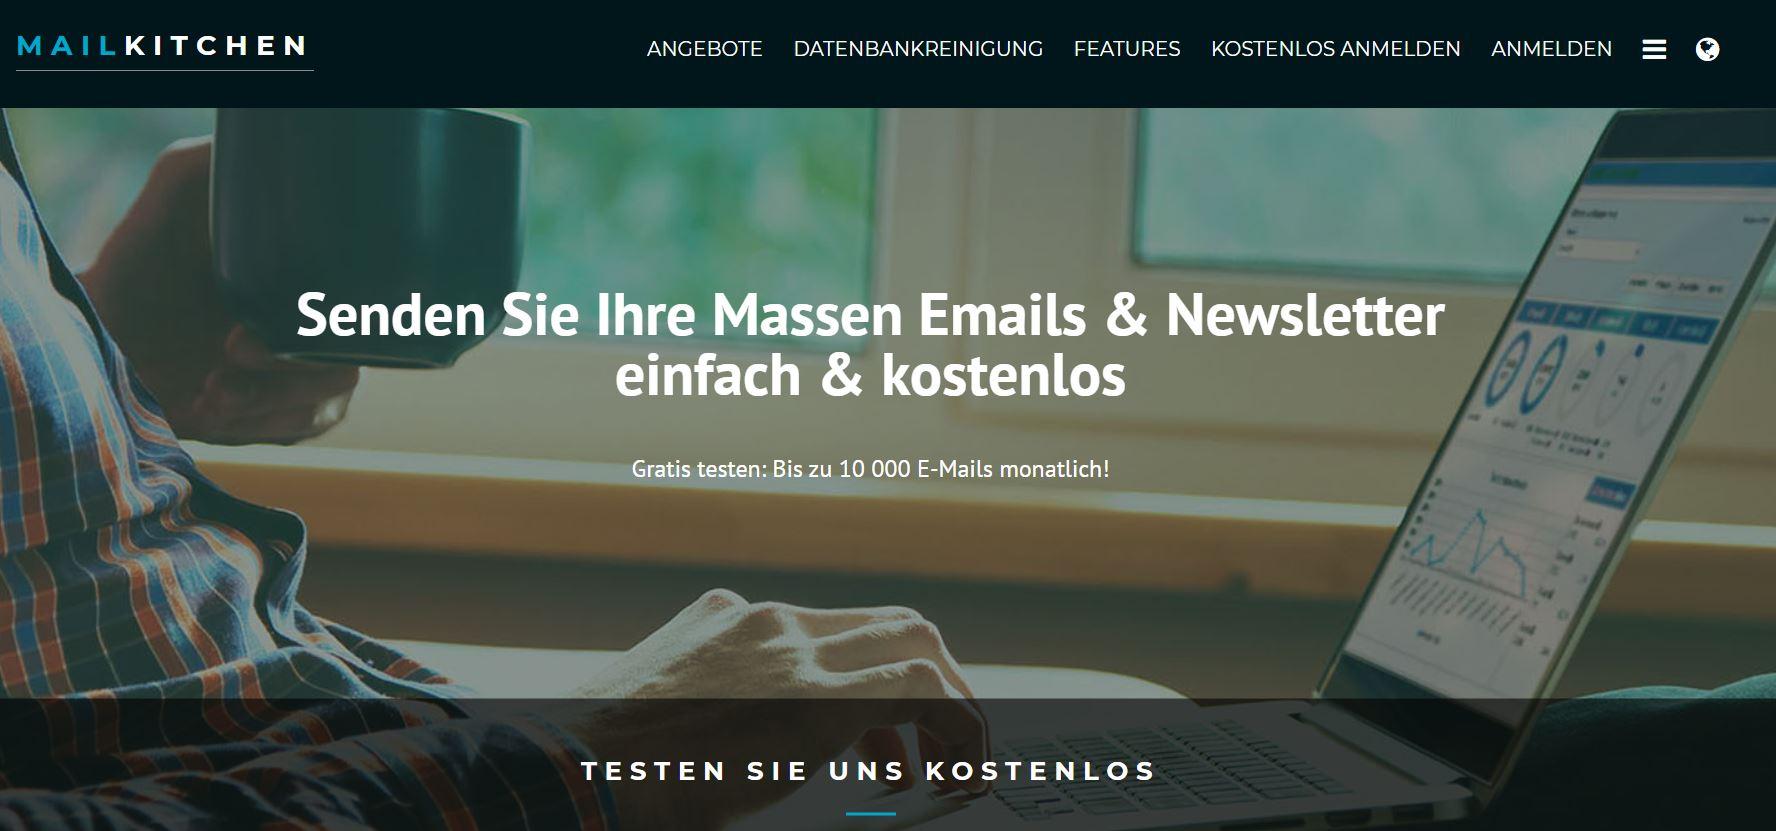 Screenshot Mailkitchen